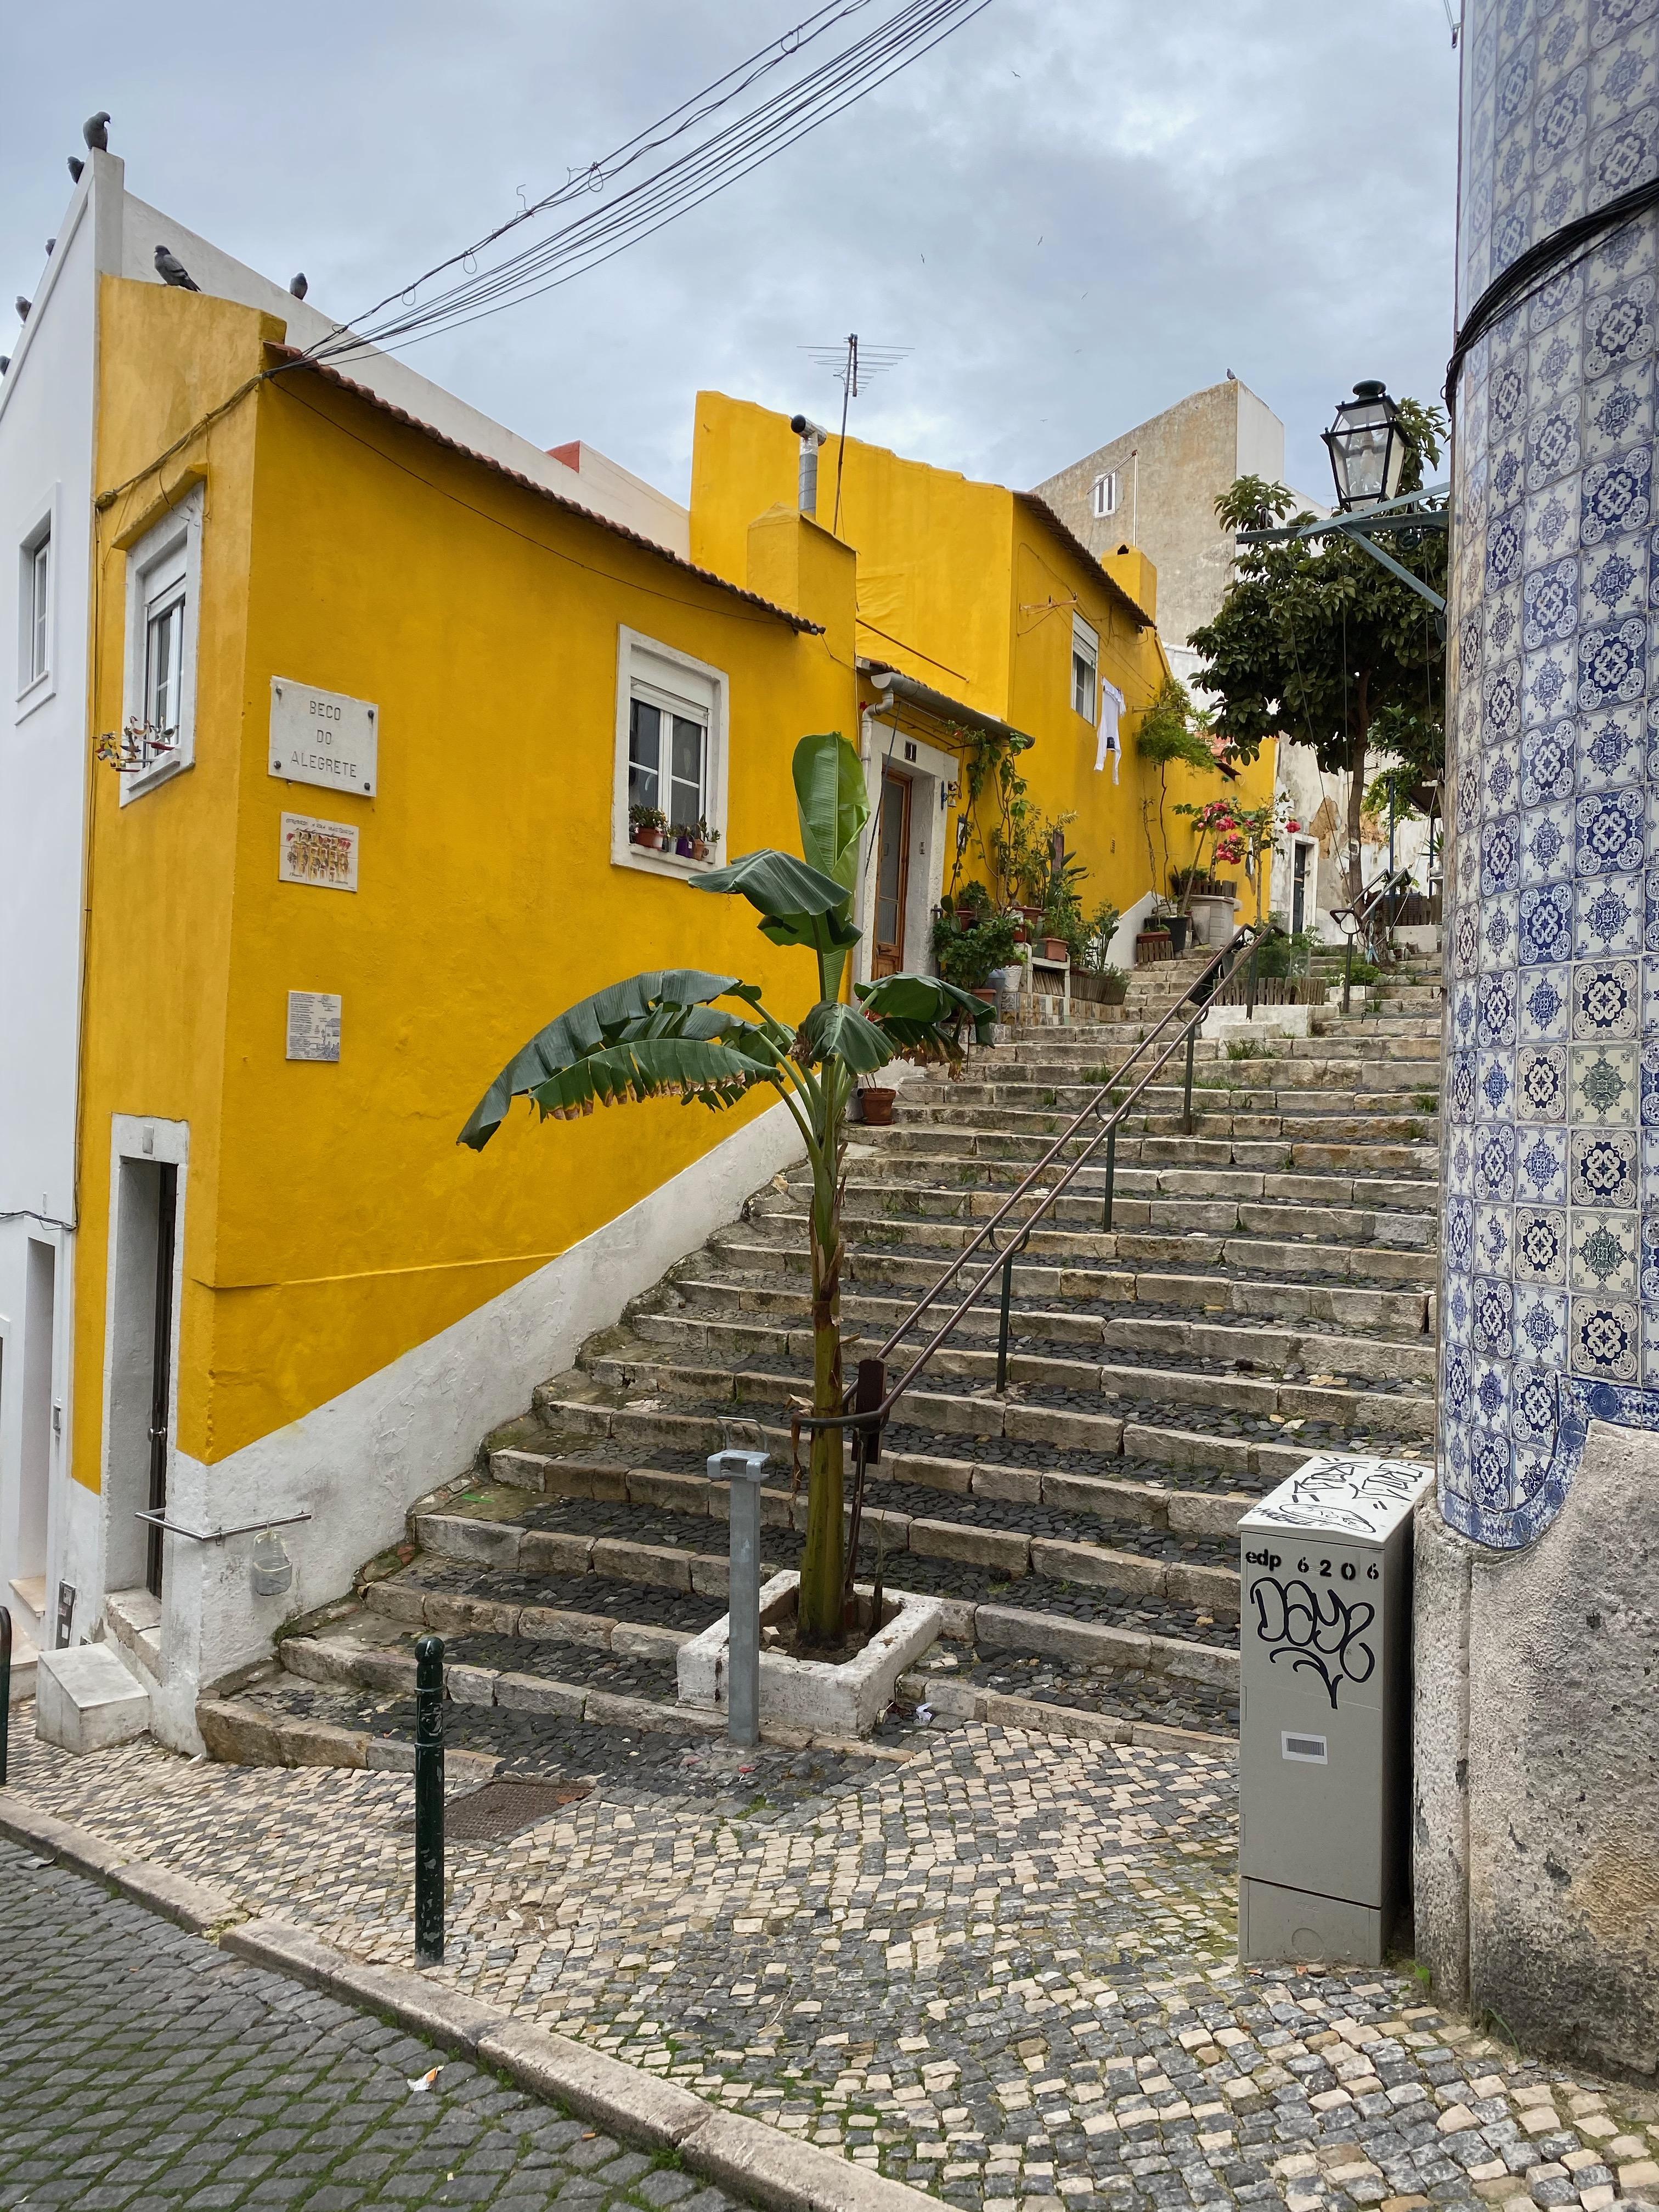 Erwartungen für das zweite Semester in Lissabon